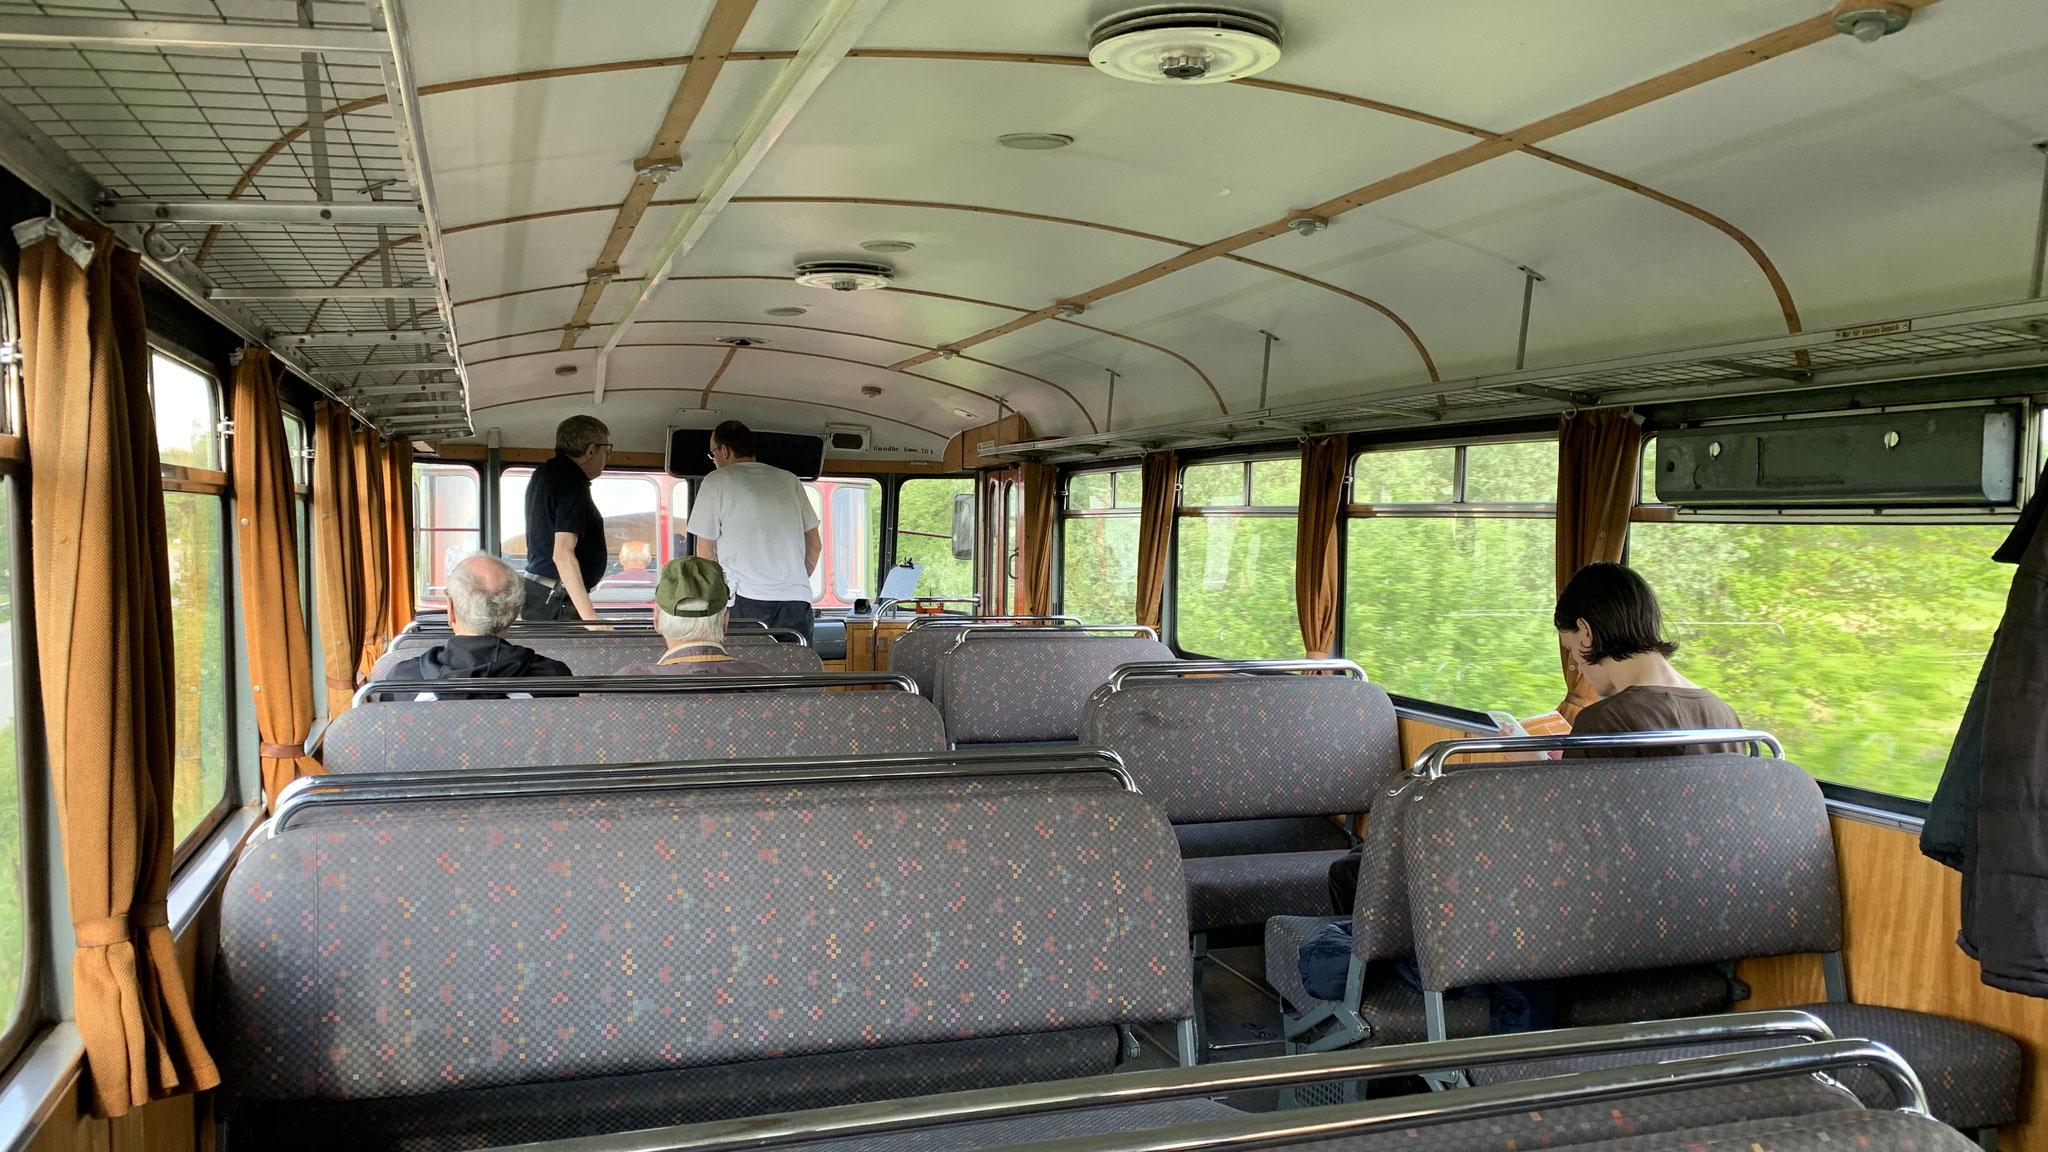 Die originalen hellblauen Plastiksitzbezüge wurden durch Stoffbezüge ersetzt